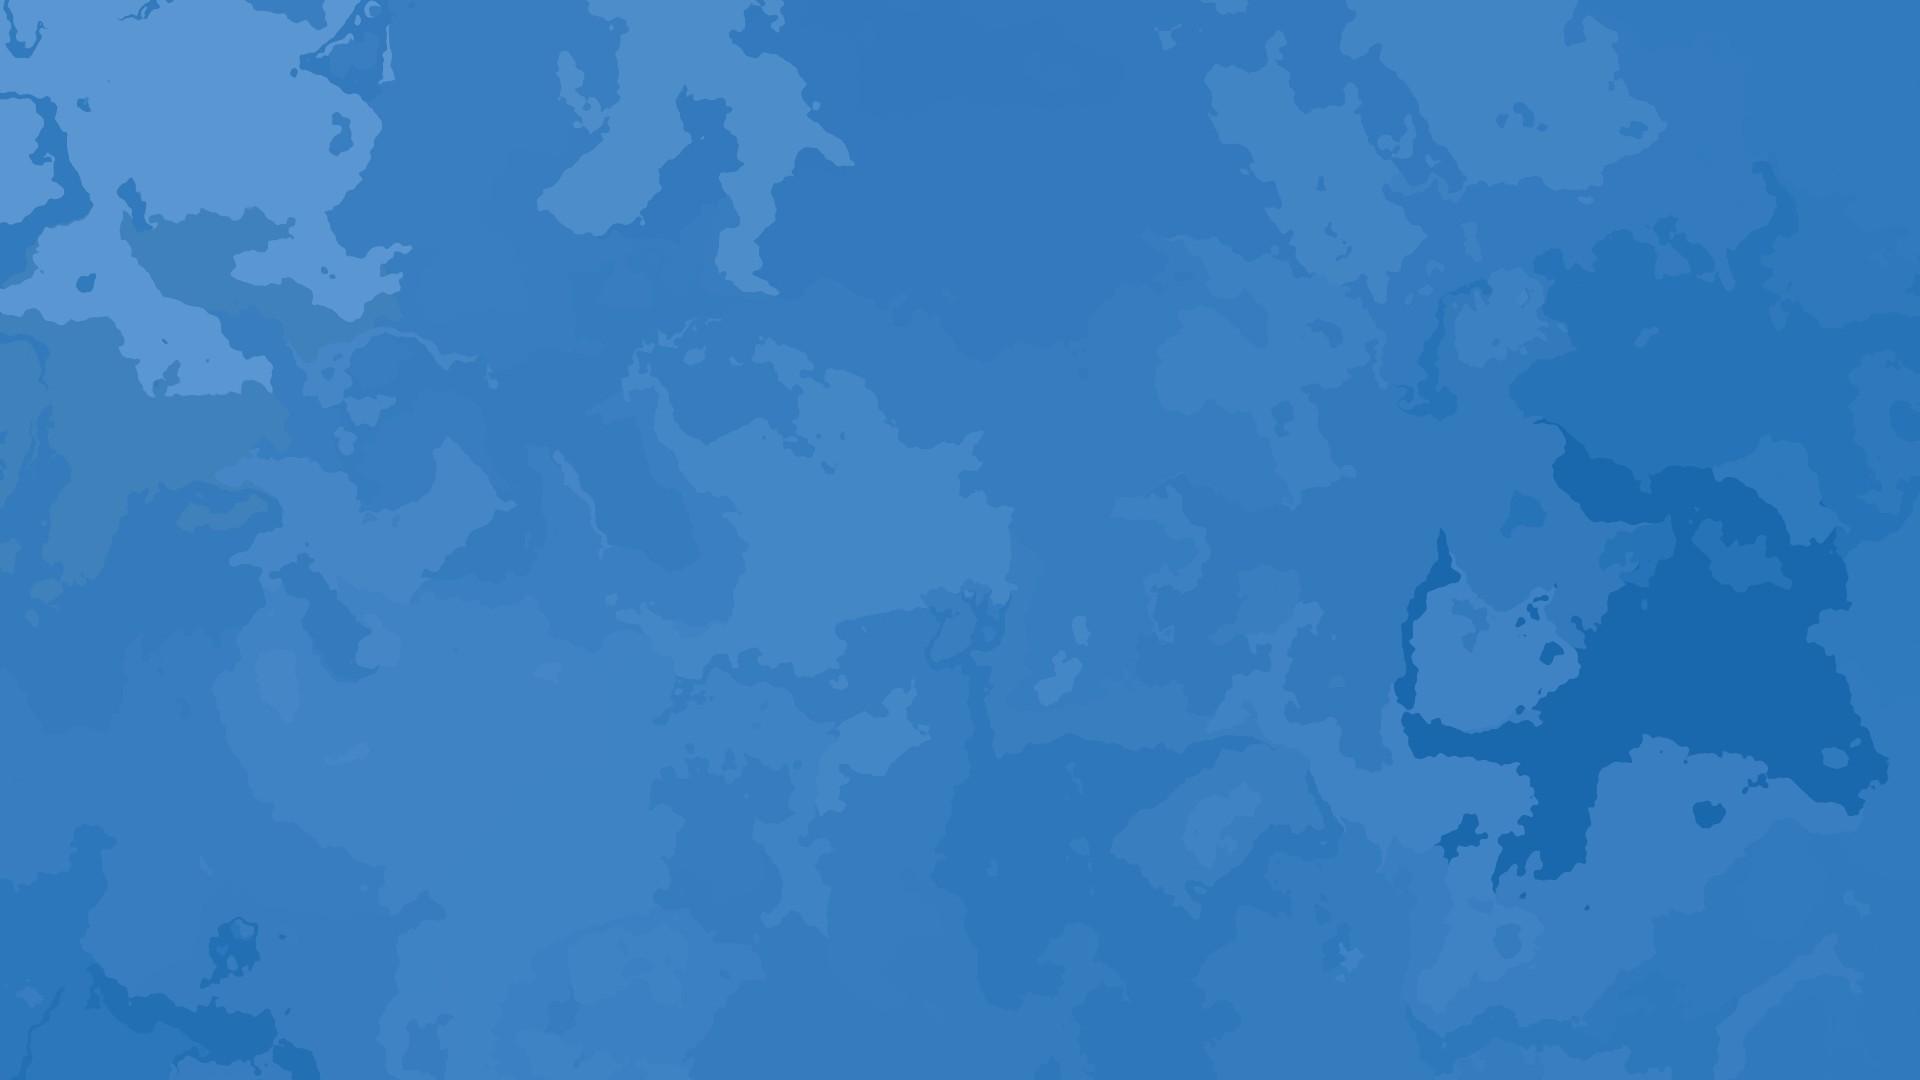 Blue Plain Wallpaper 74 Images